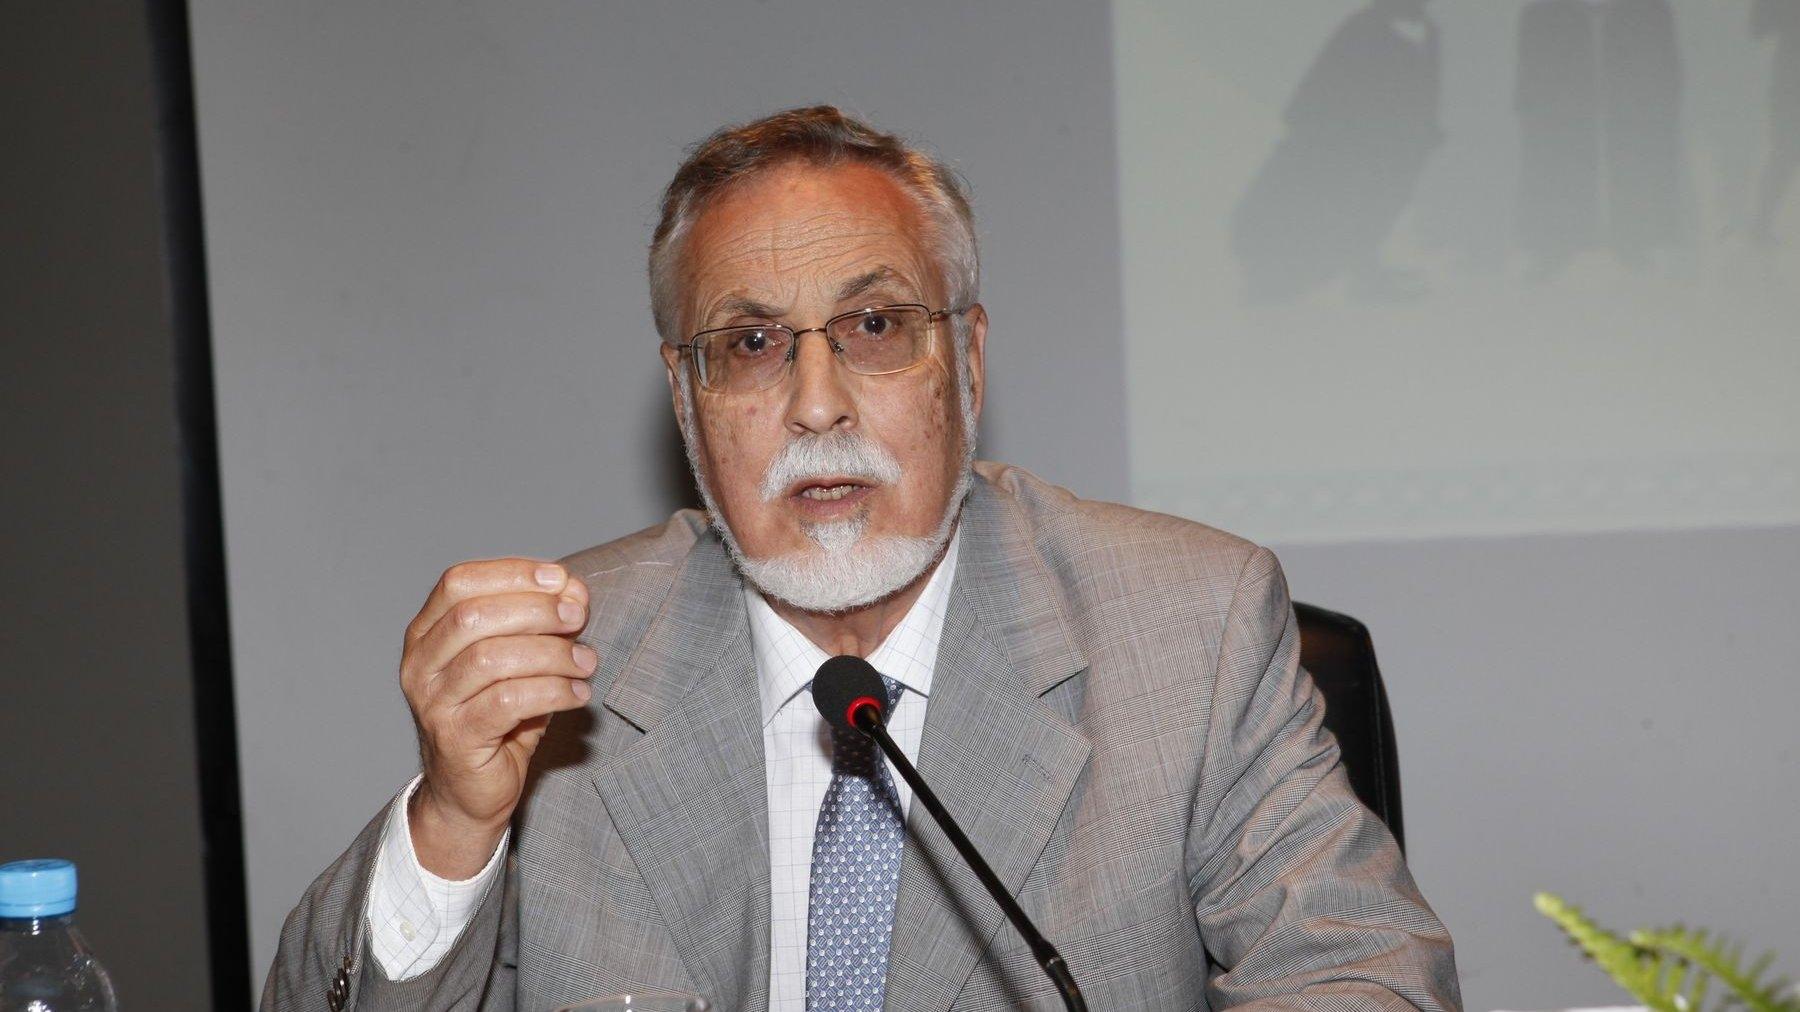 مولاي اسماعيل العلوي رئيسا لمؤسسة علي يعته